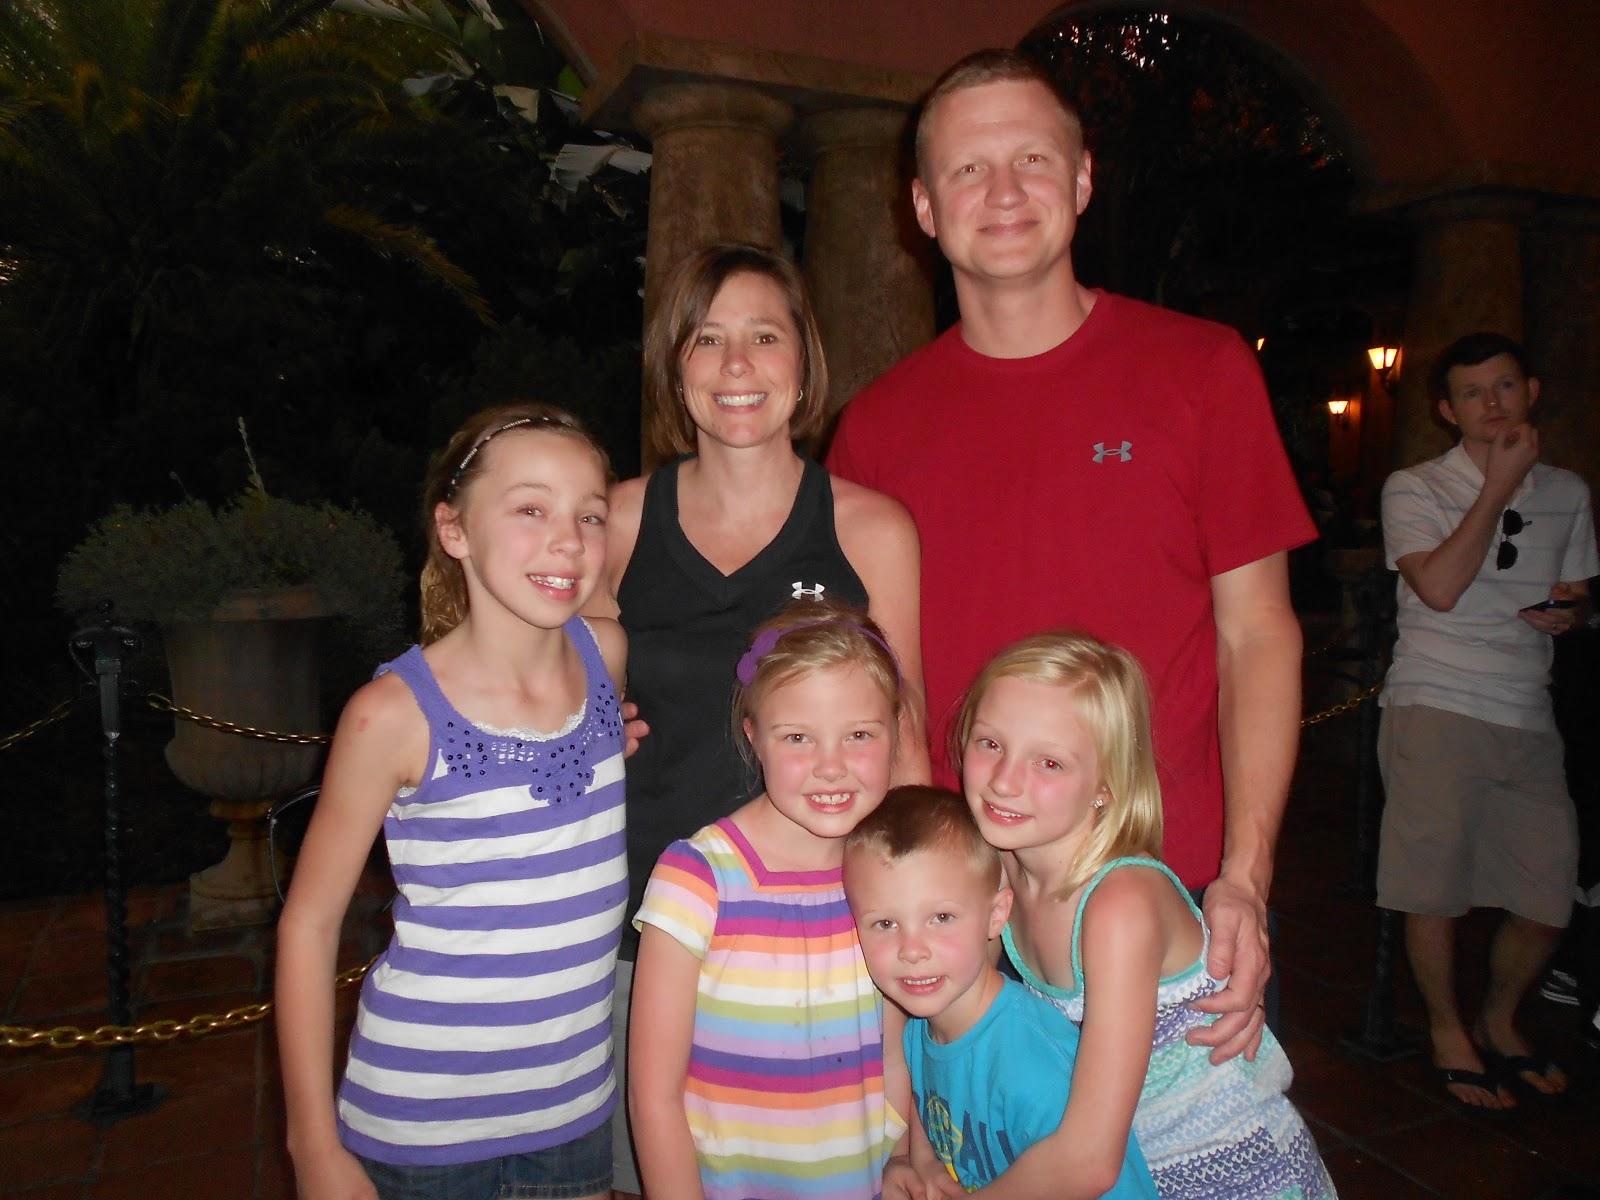 Crazy 9: Family Vacation 2014